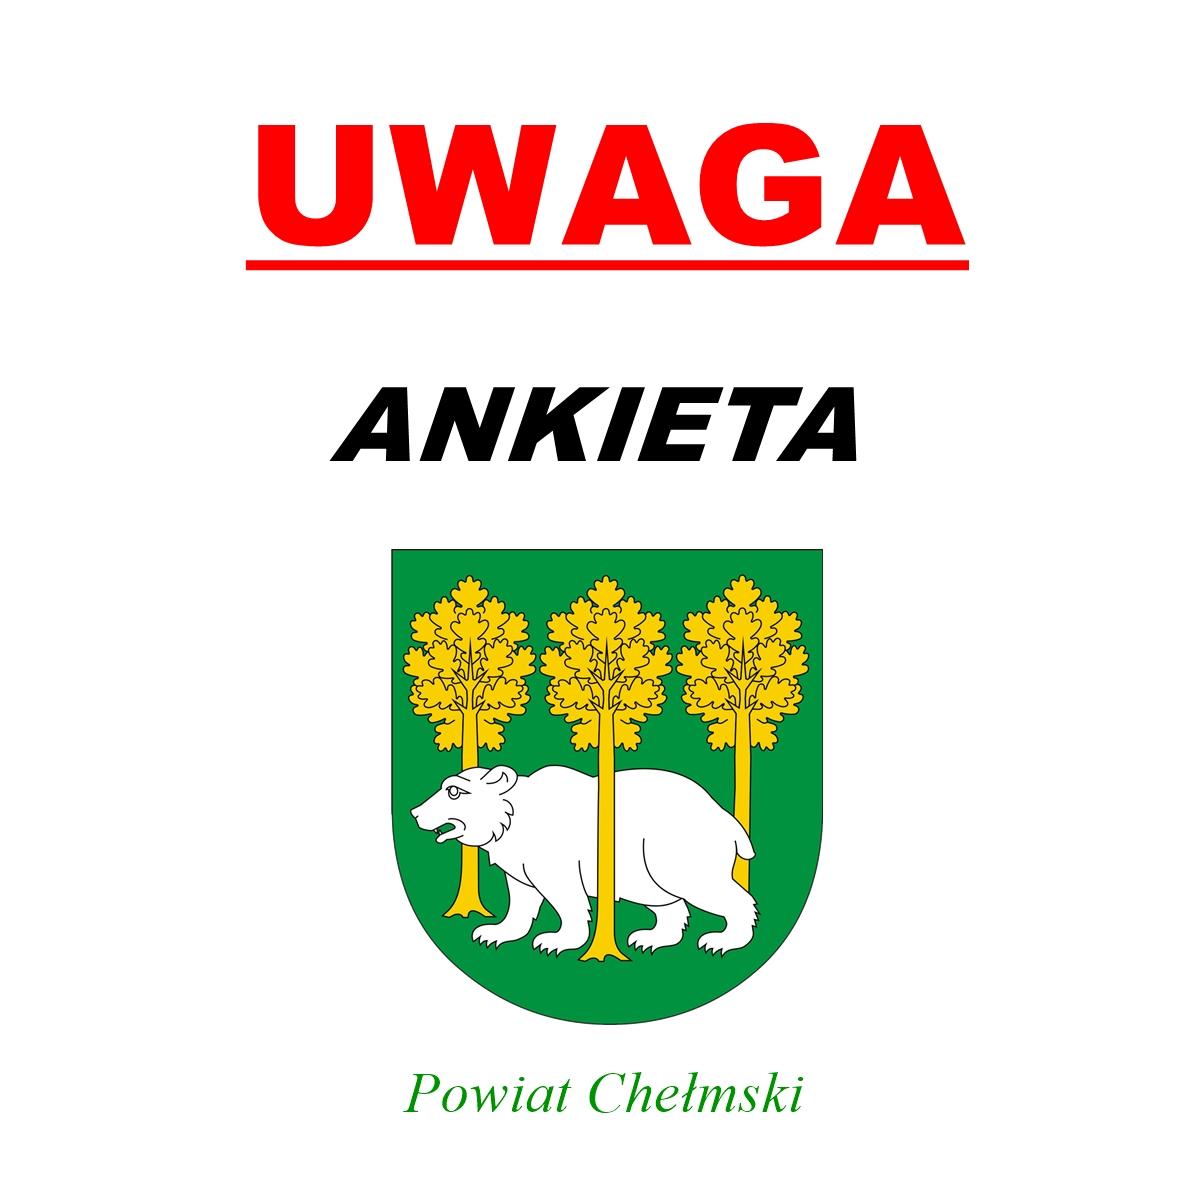 Uwaga - ankietam herb powiatu chełmskiego